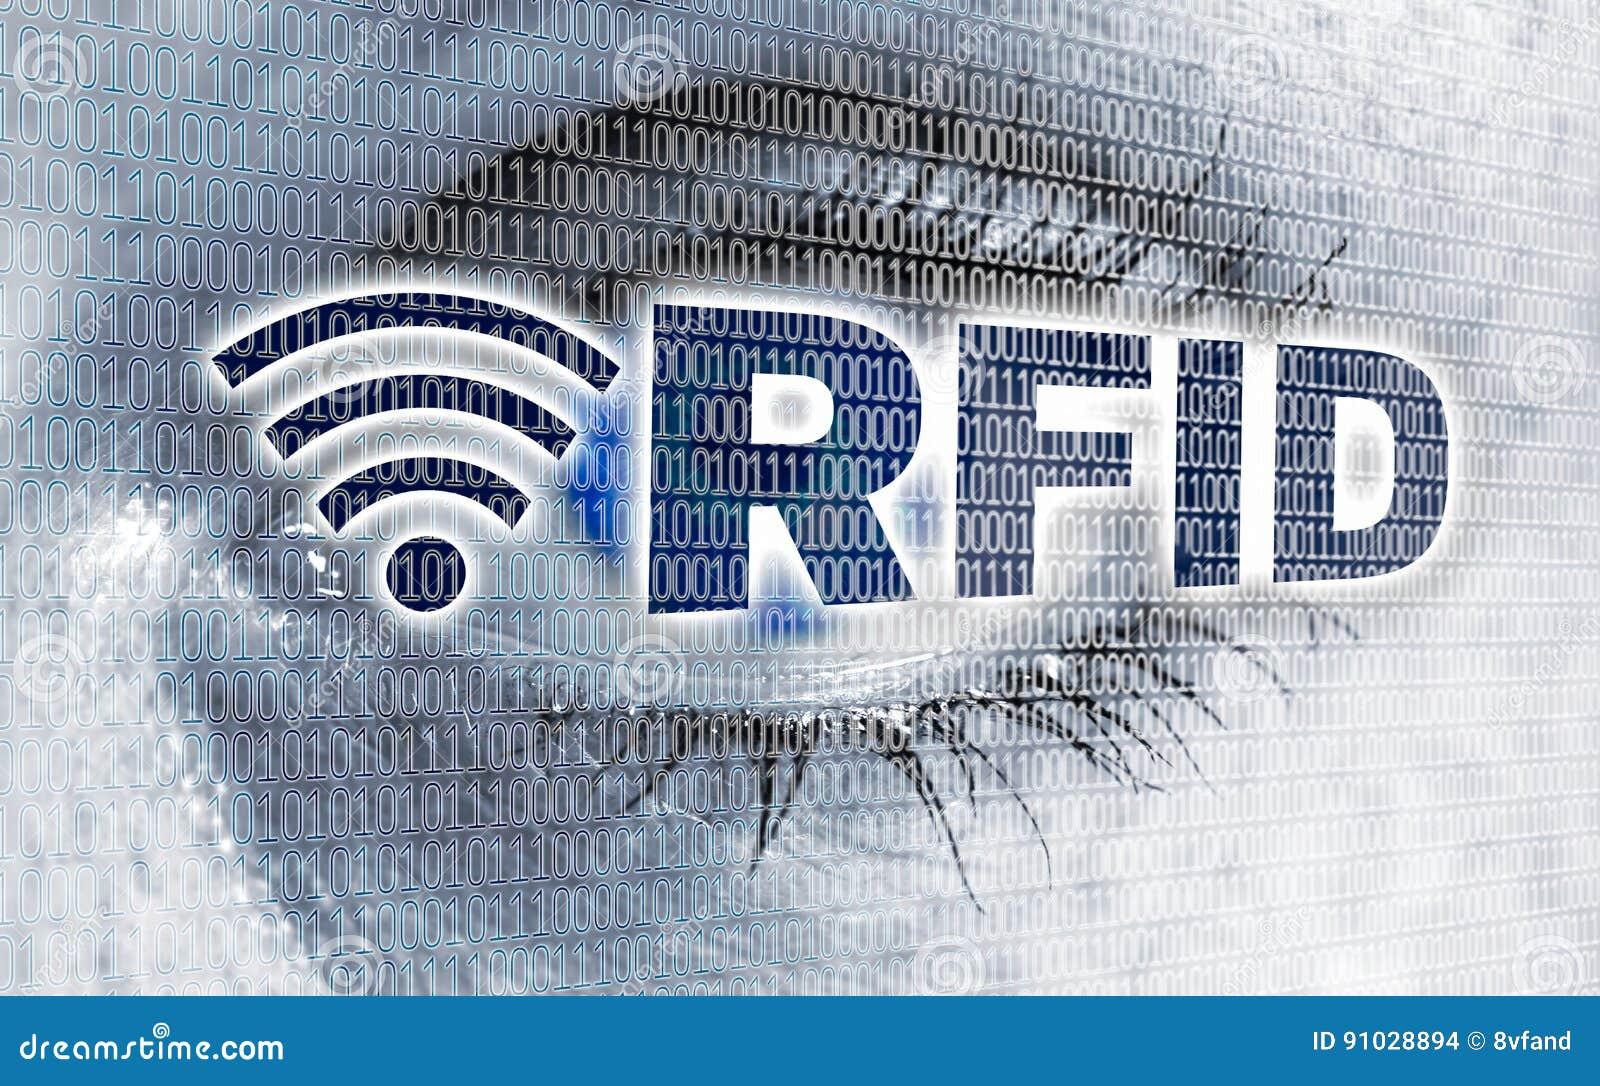 Глаз RFID с матрицей смотрит концепцию телезрителя